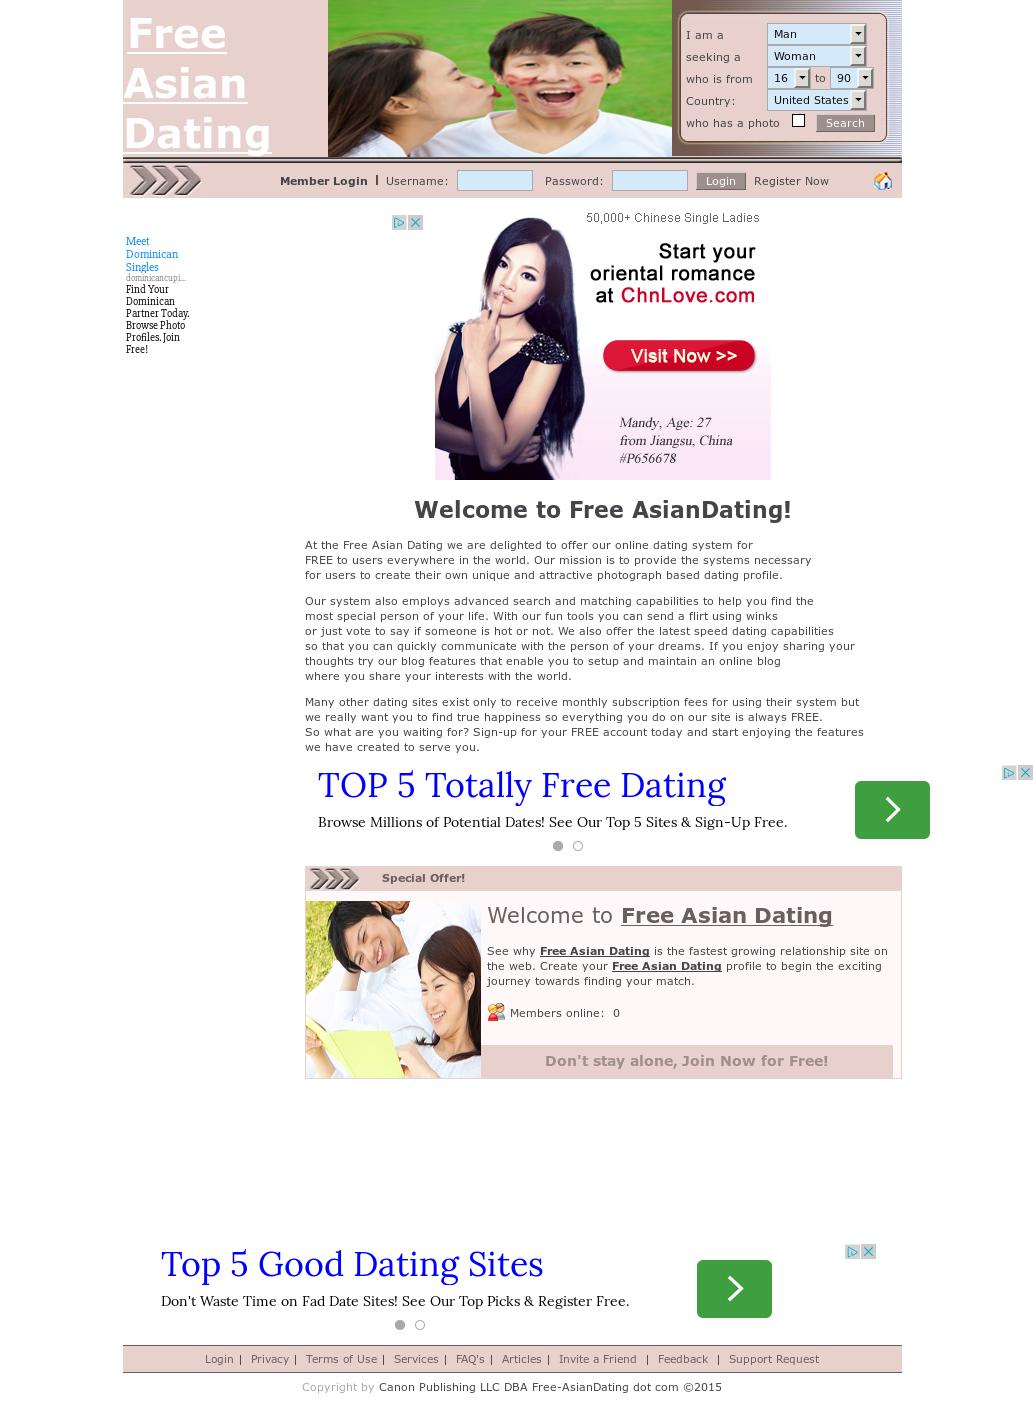 dating.com now login site